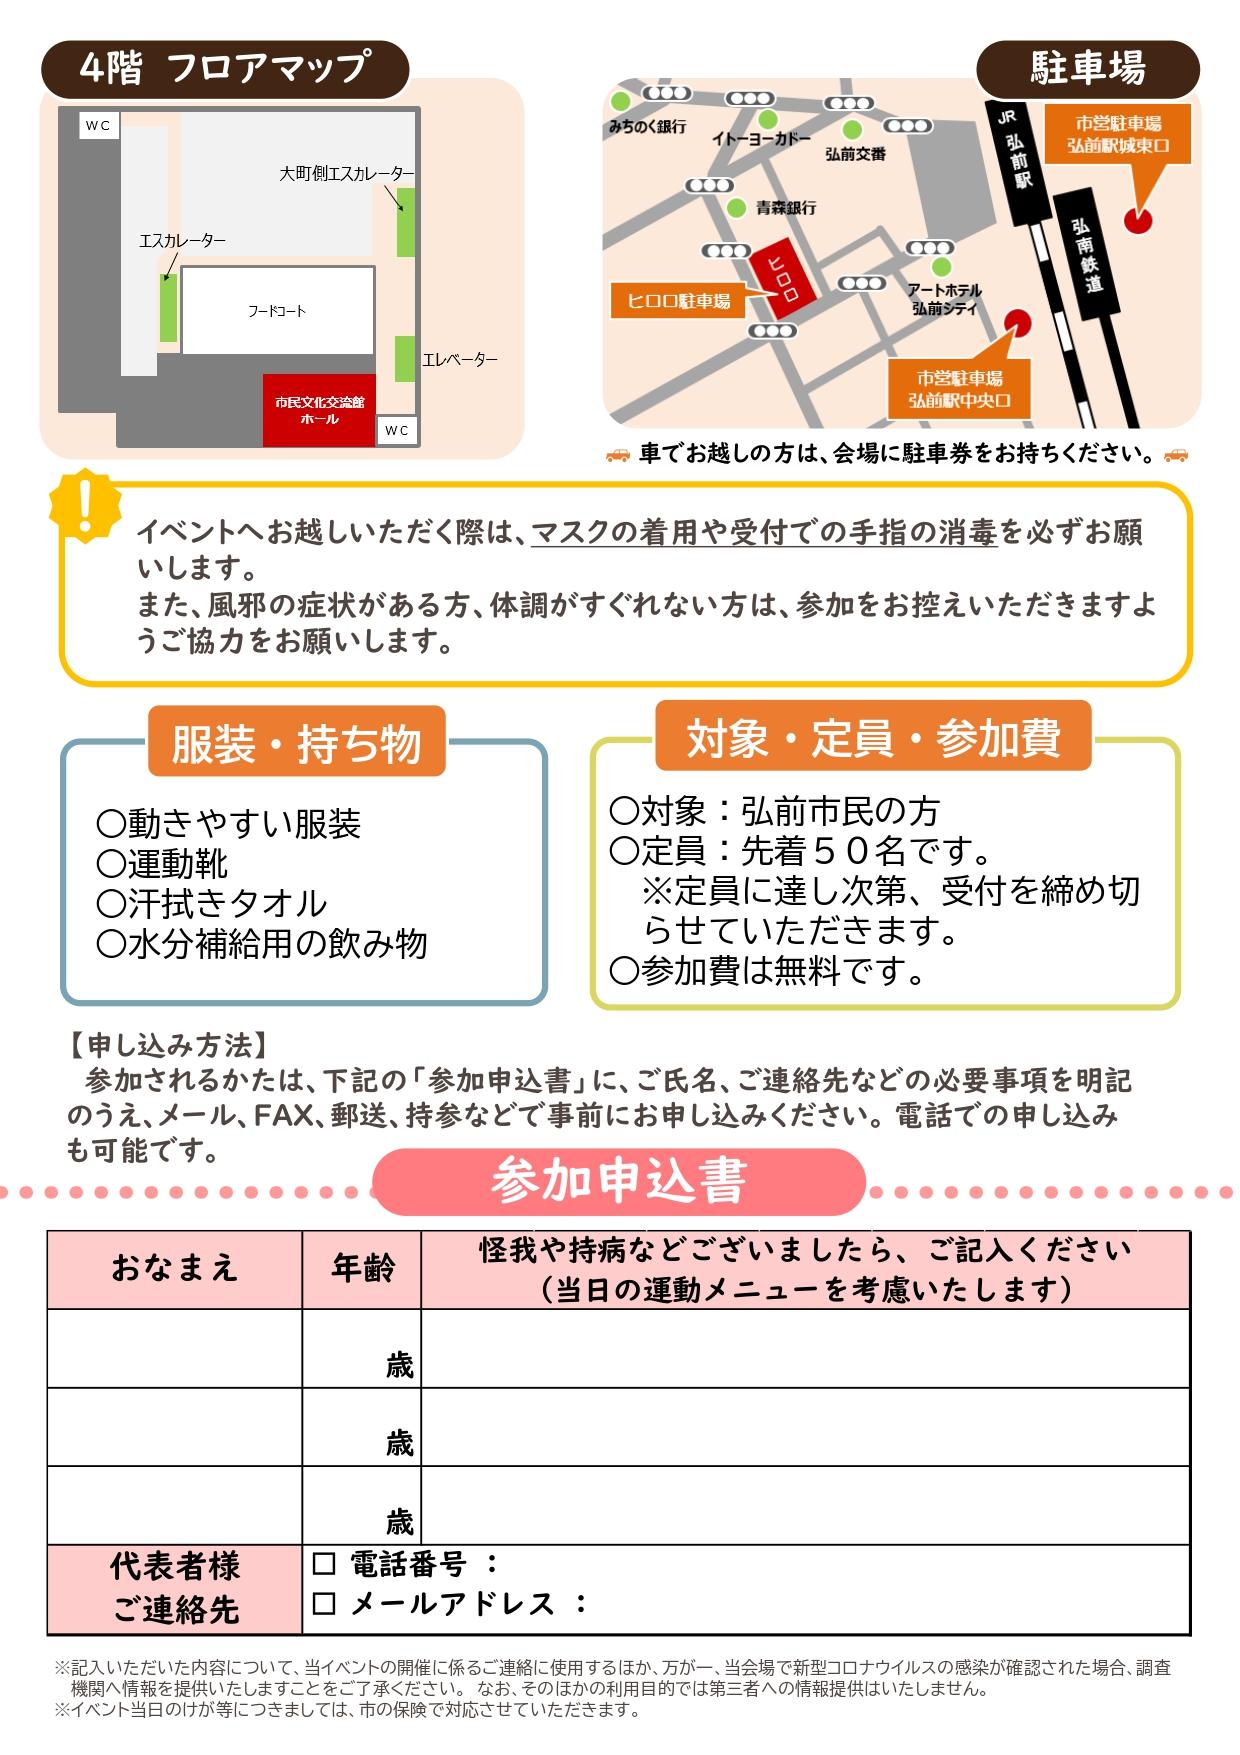 9月19日_page-0002.jpg